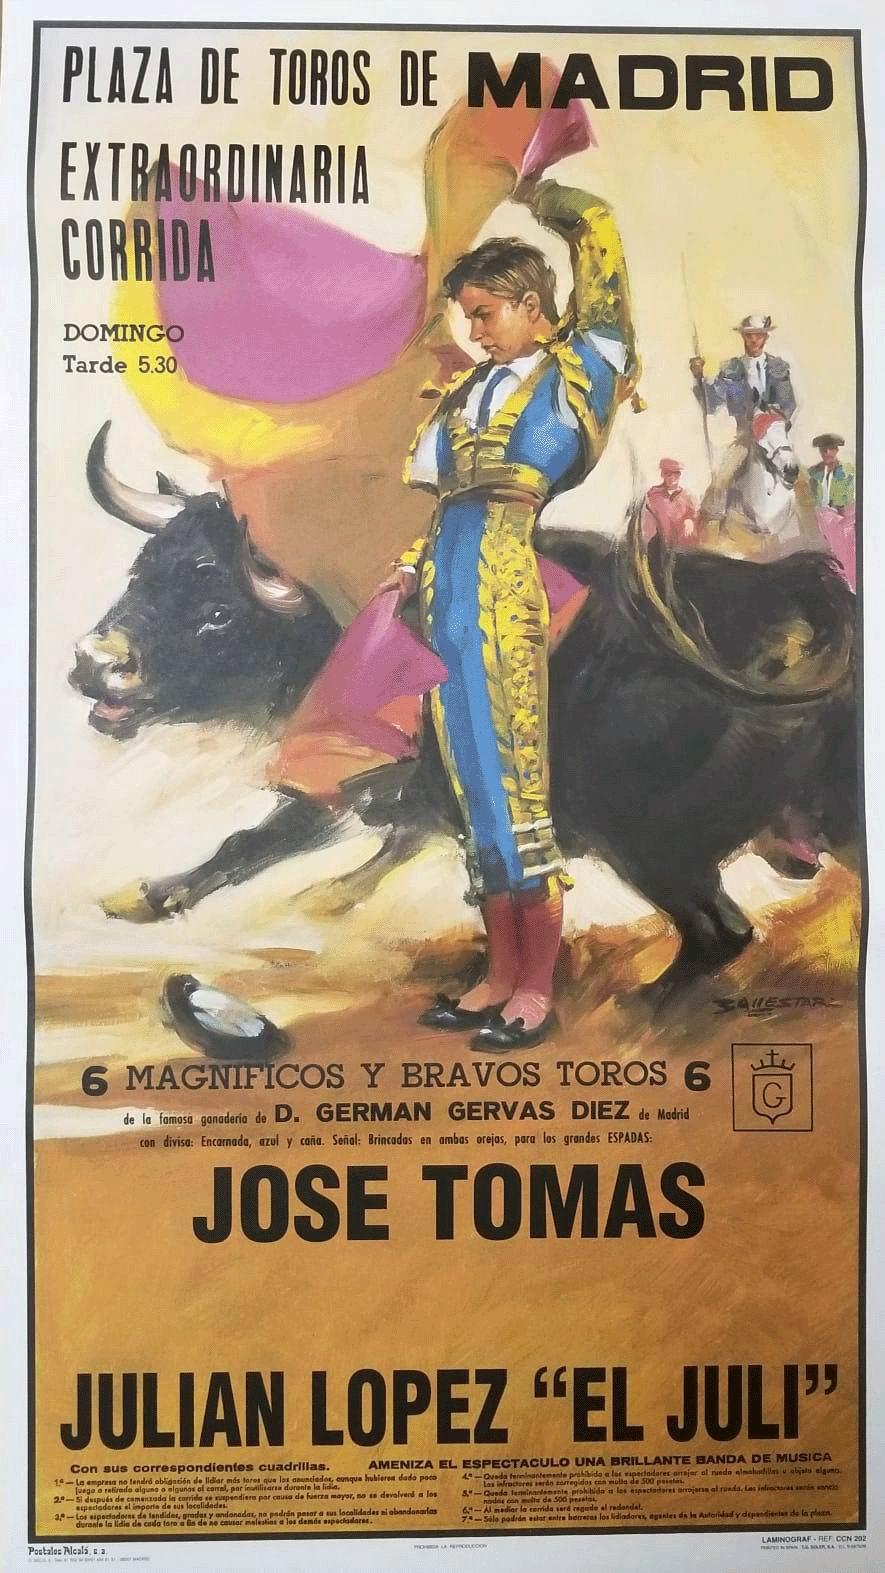 Poster de la Place de taureaux Monumental de Madrid. Toreros Jose Tomas y Julian López